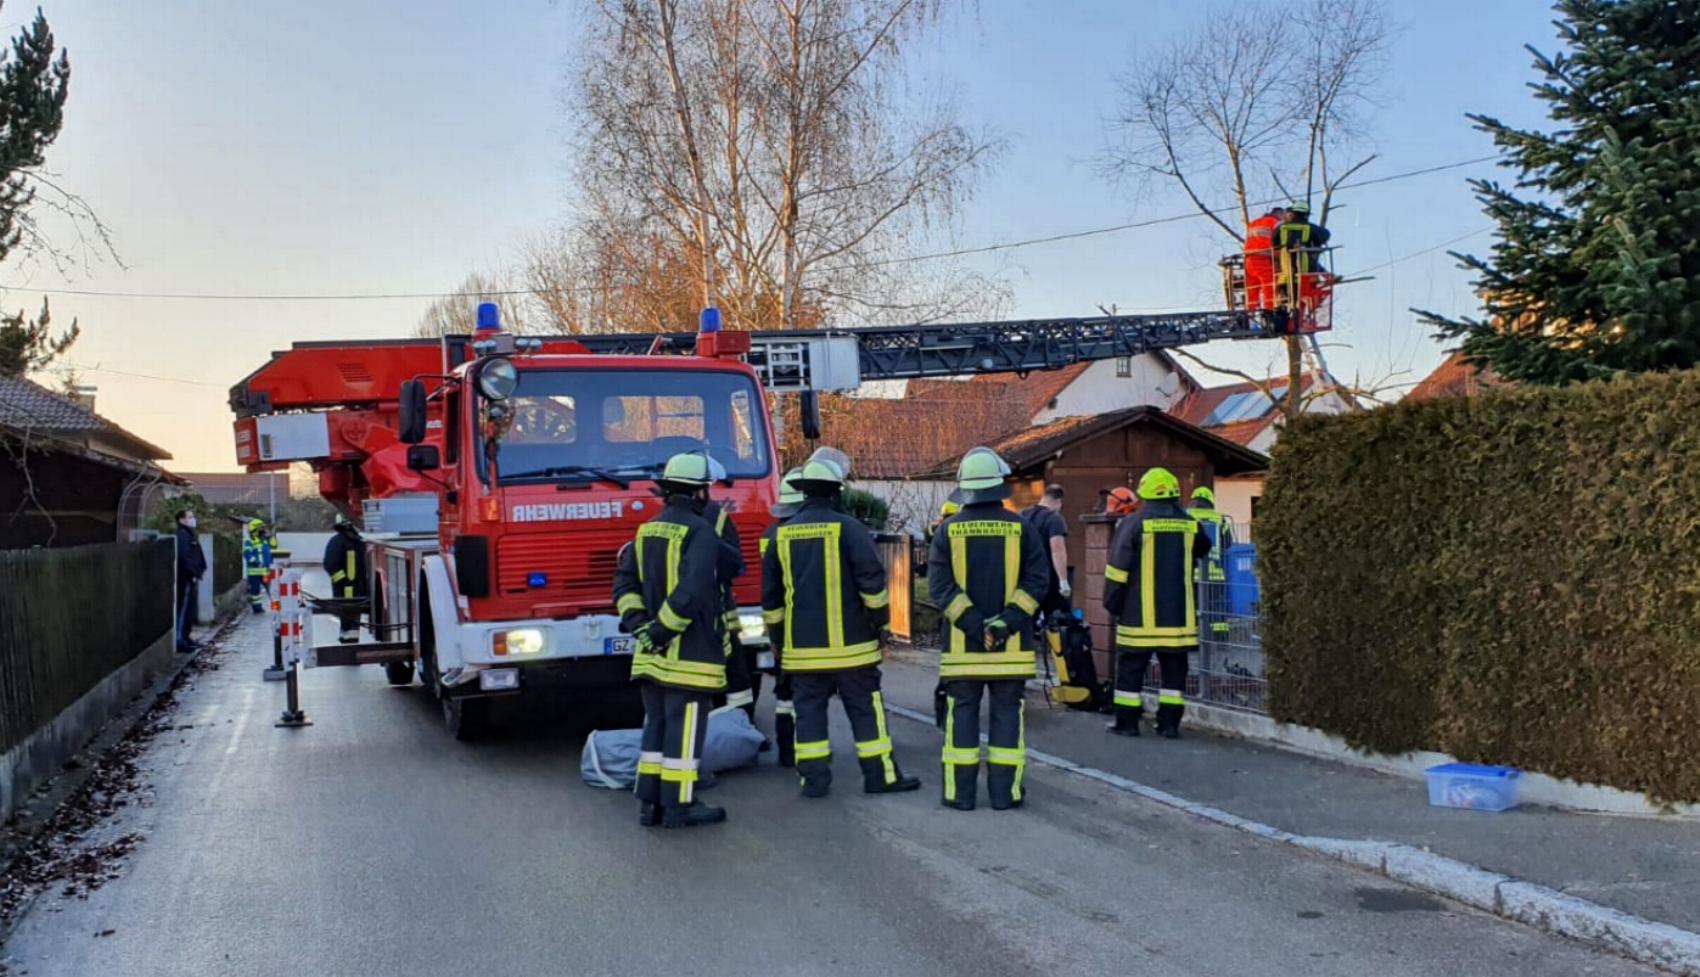 Burtenbach Feuerwehr Thannhauen 18122020